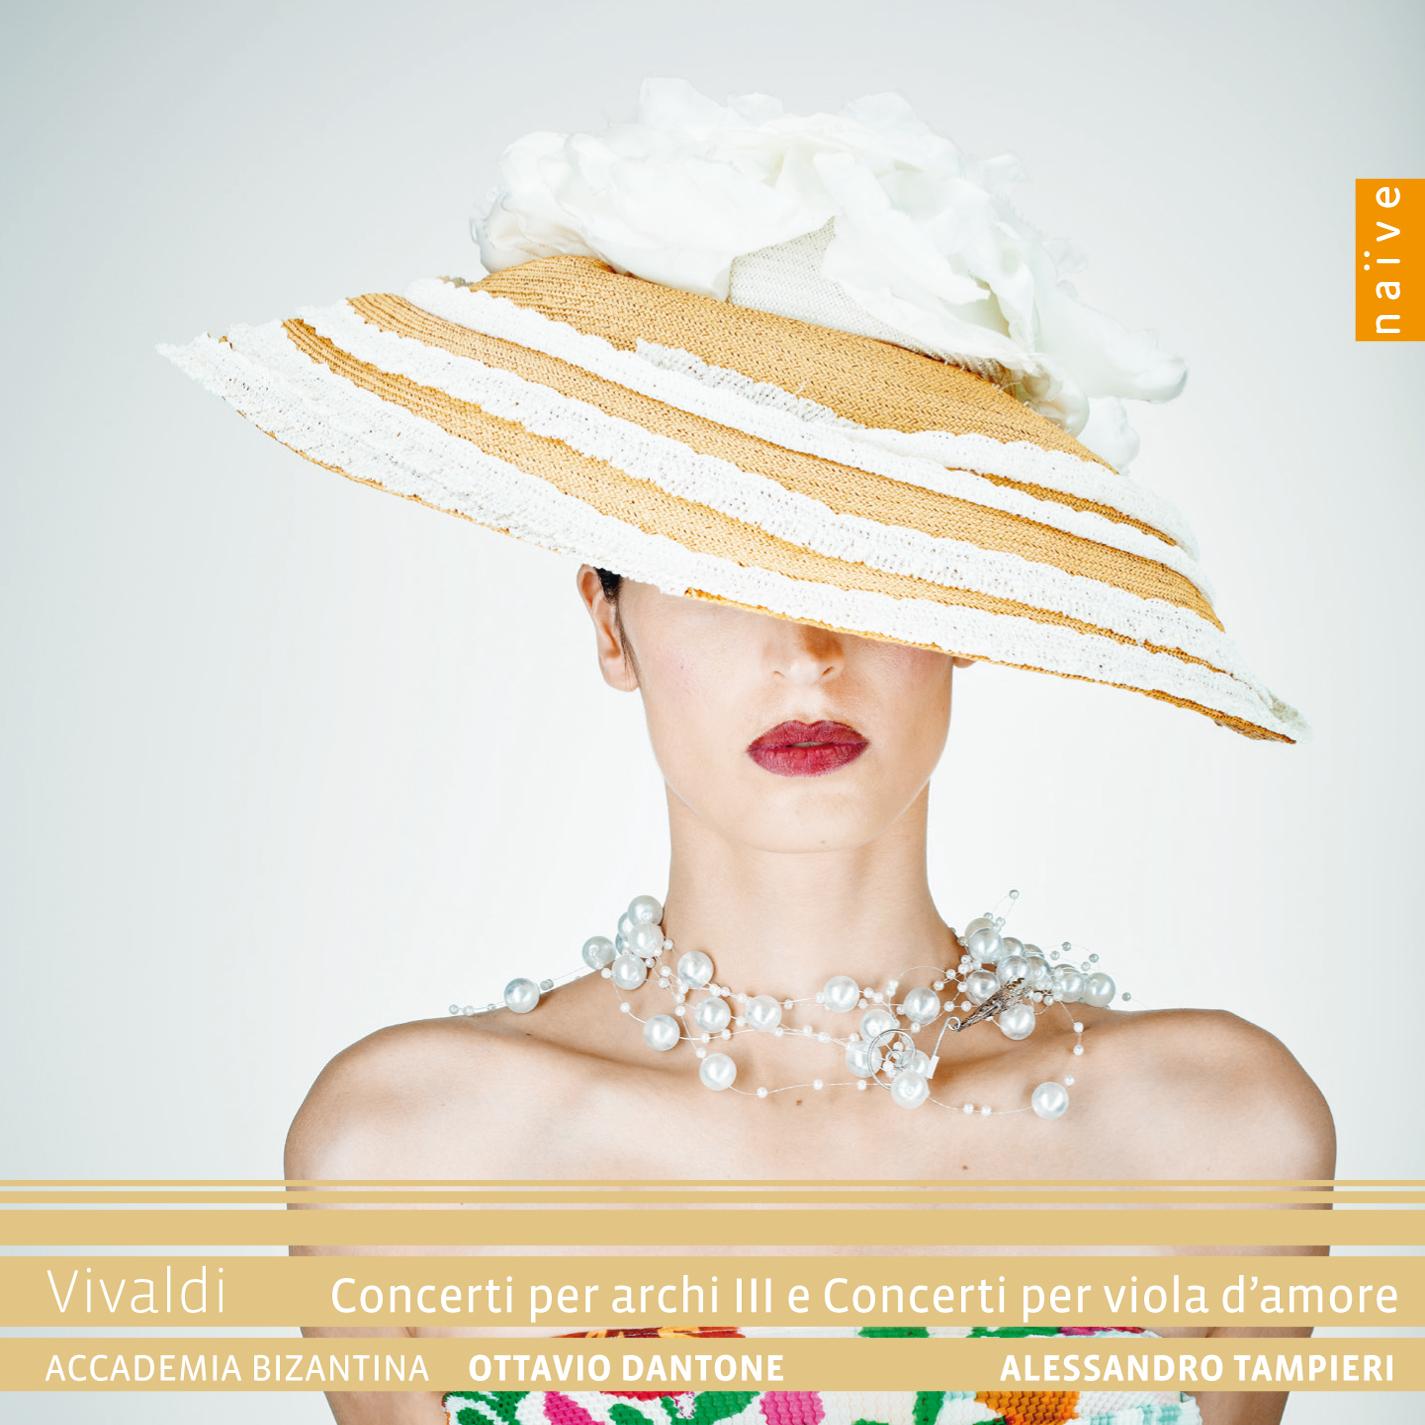 OP30570-K-Vivaldi-Concerti-per-archi-III-e-Concerti-per-viola-damore-Accademia-Bizantina.jpg